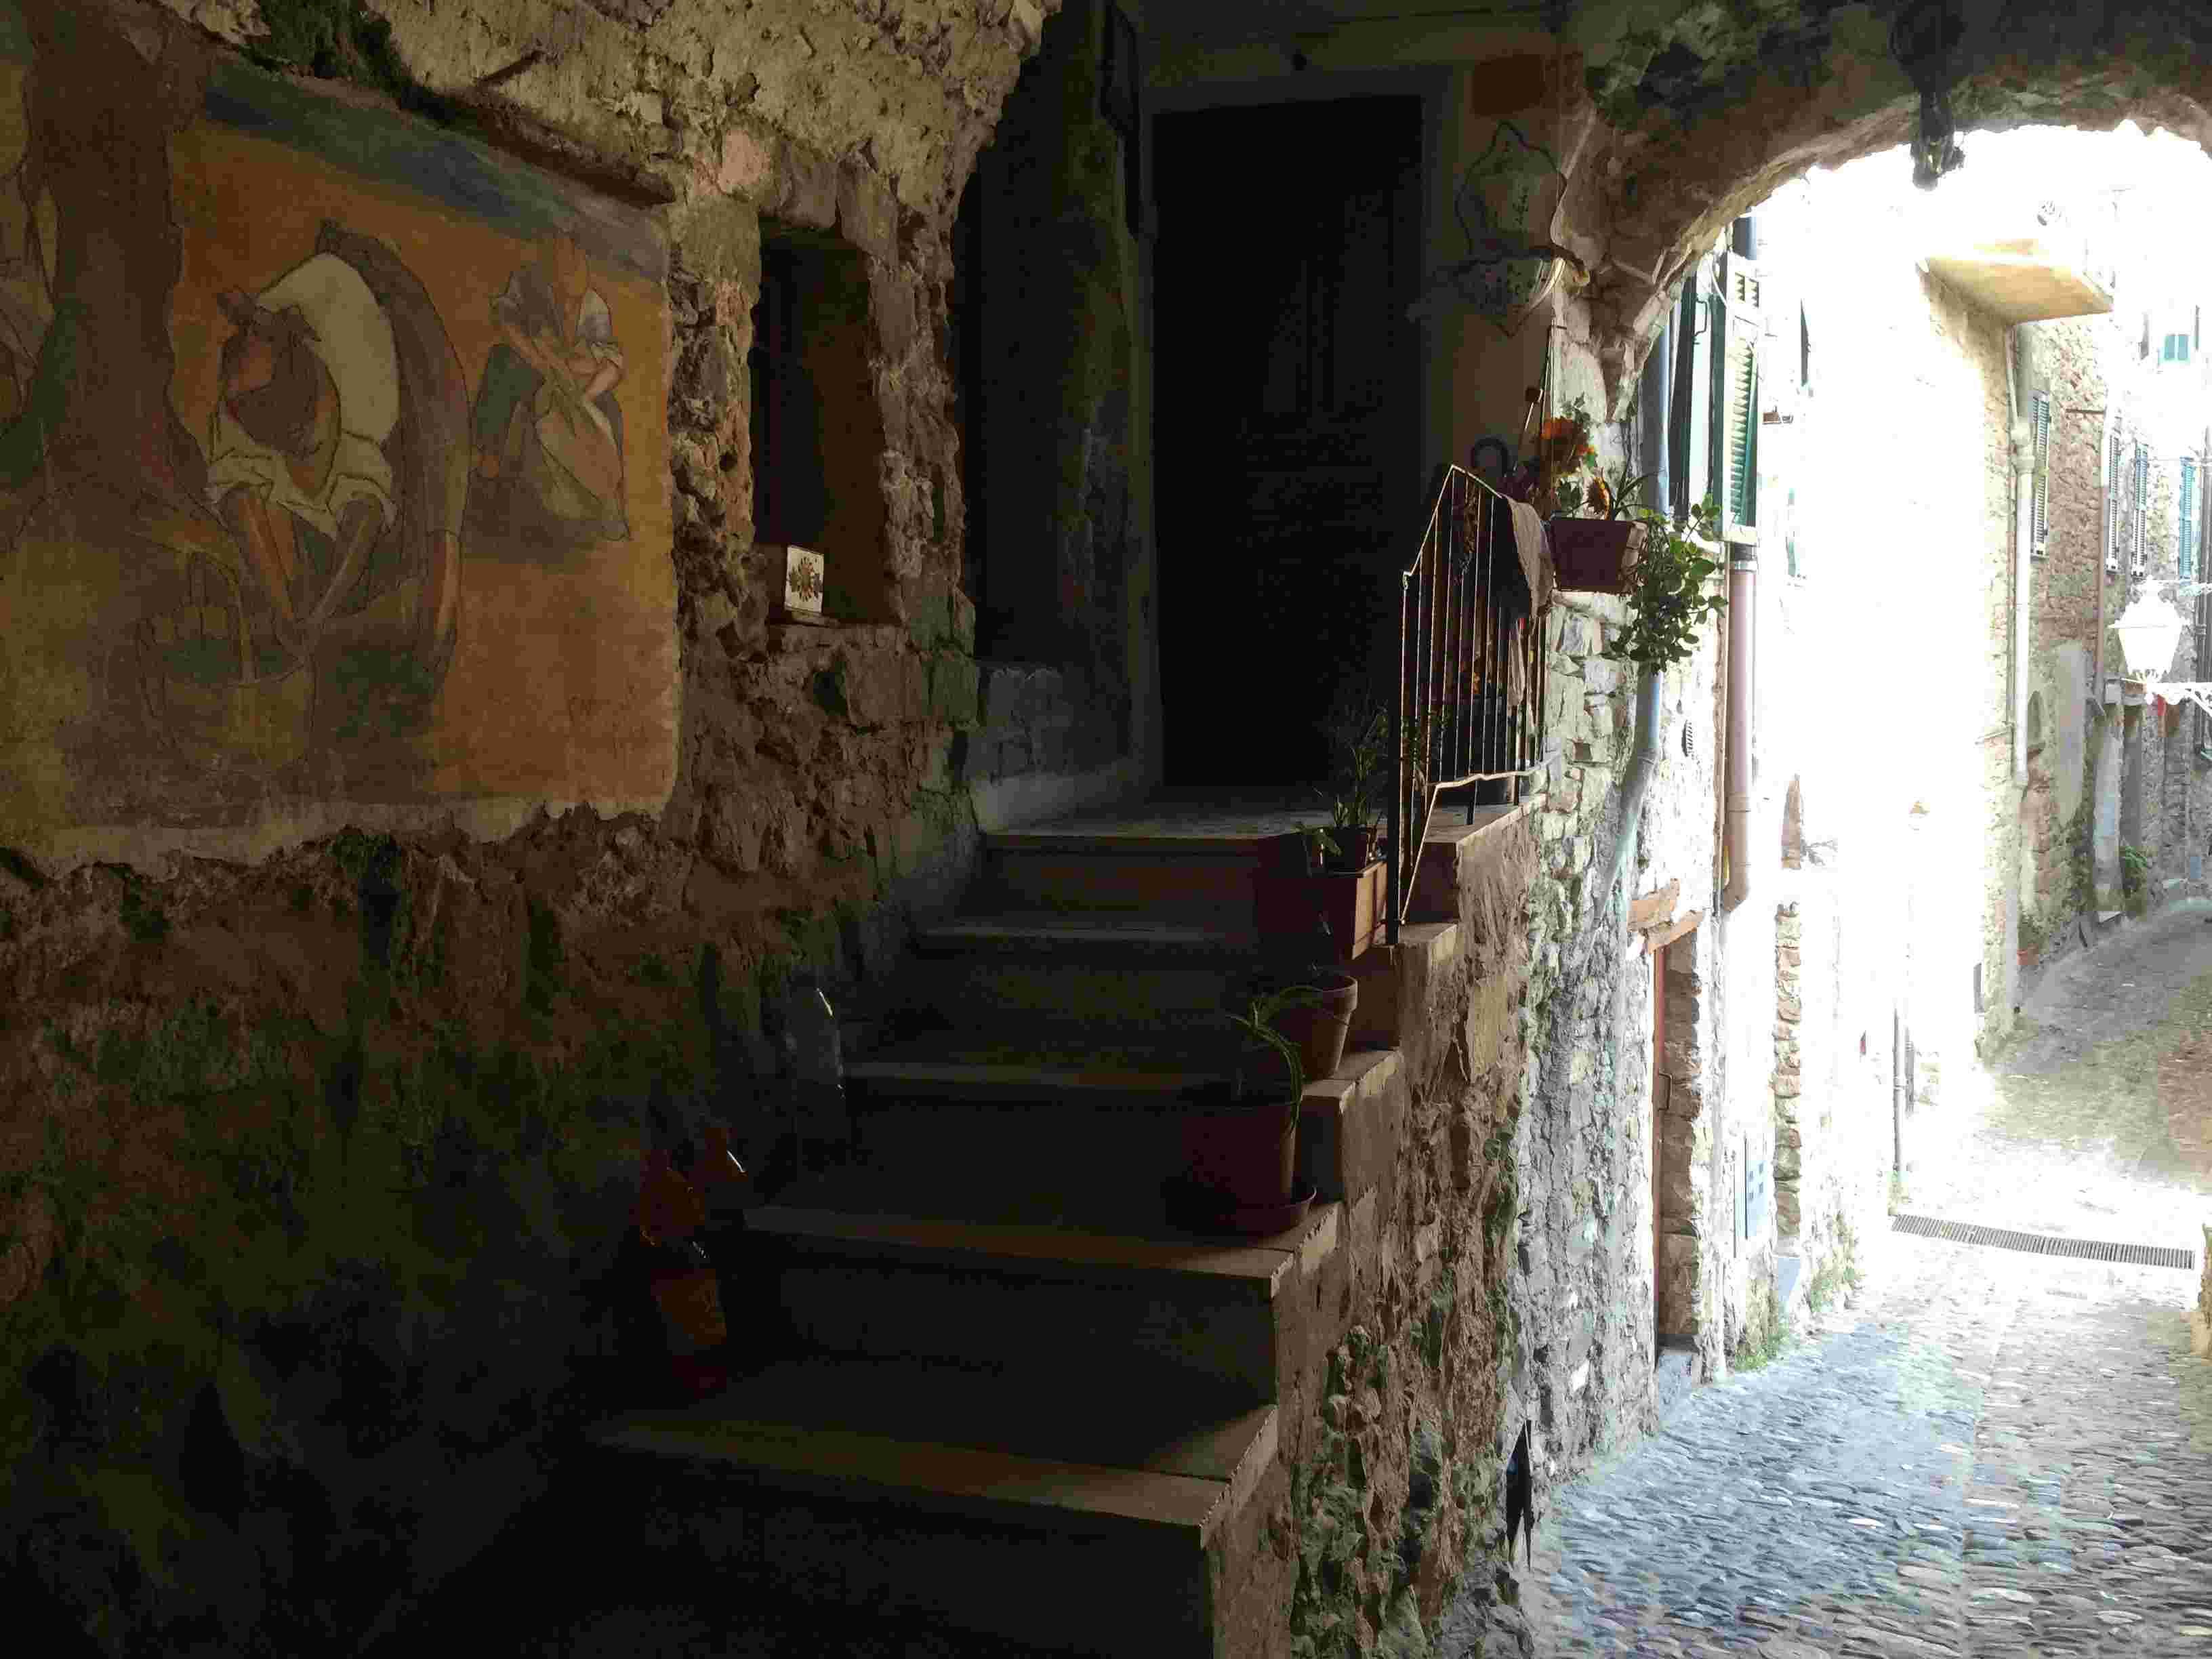 Apricale, le plus beau village d'Italie Aprica45